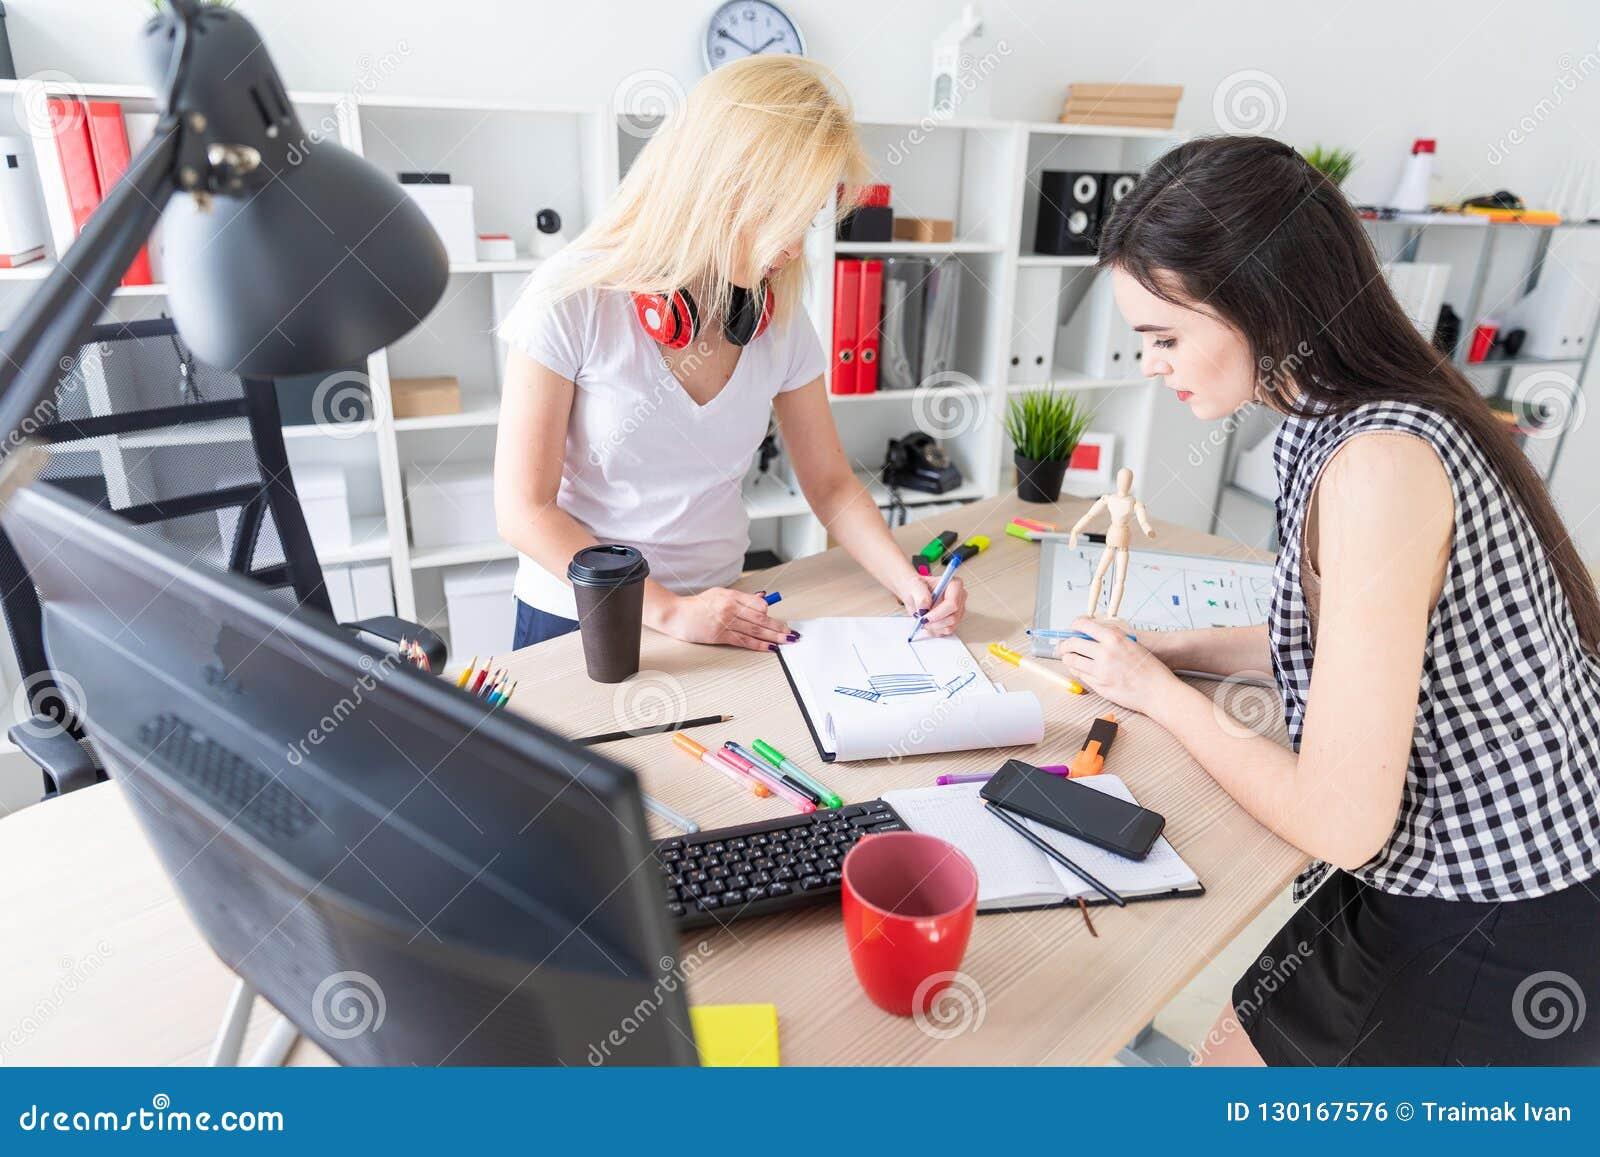 девушка модель клавиатуры для работы